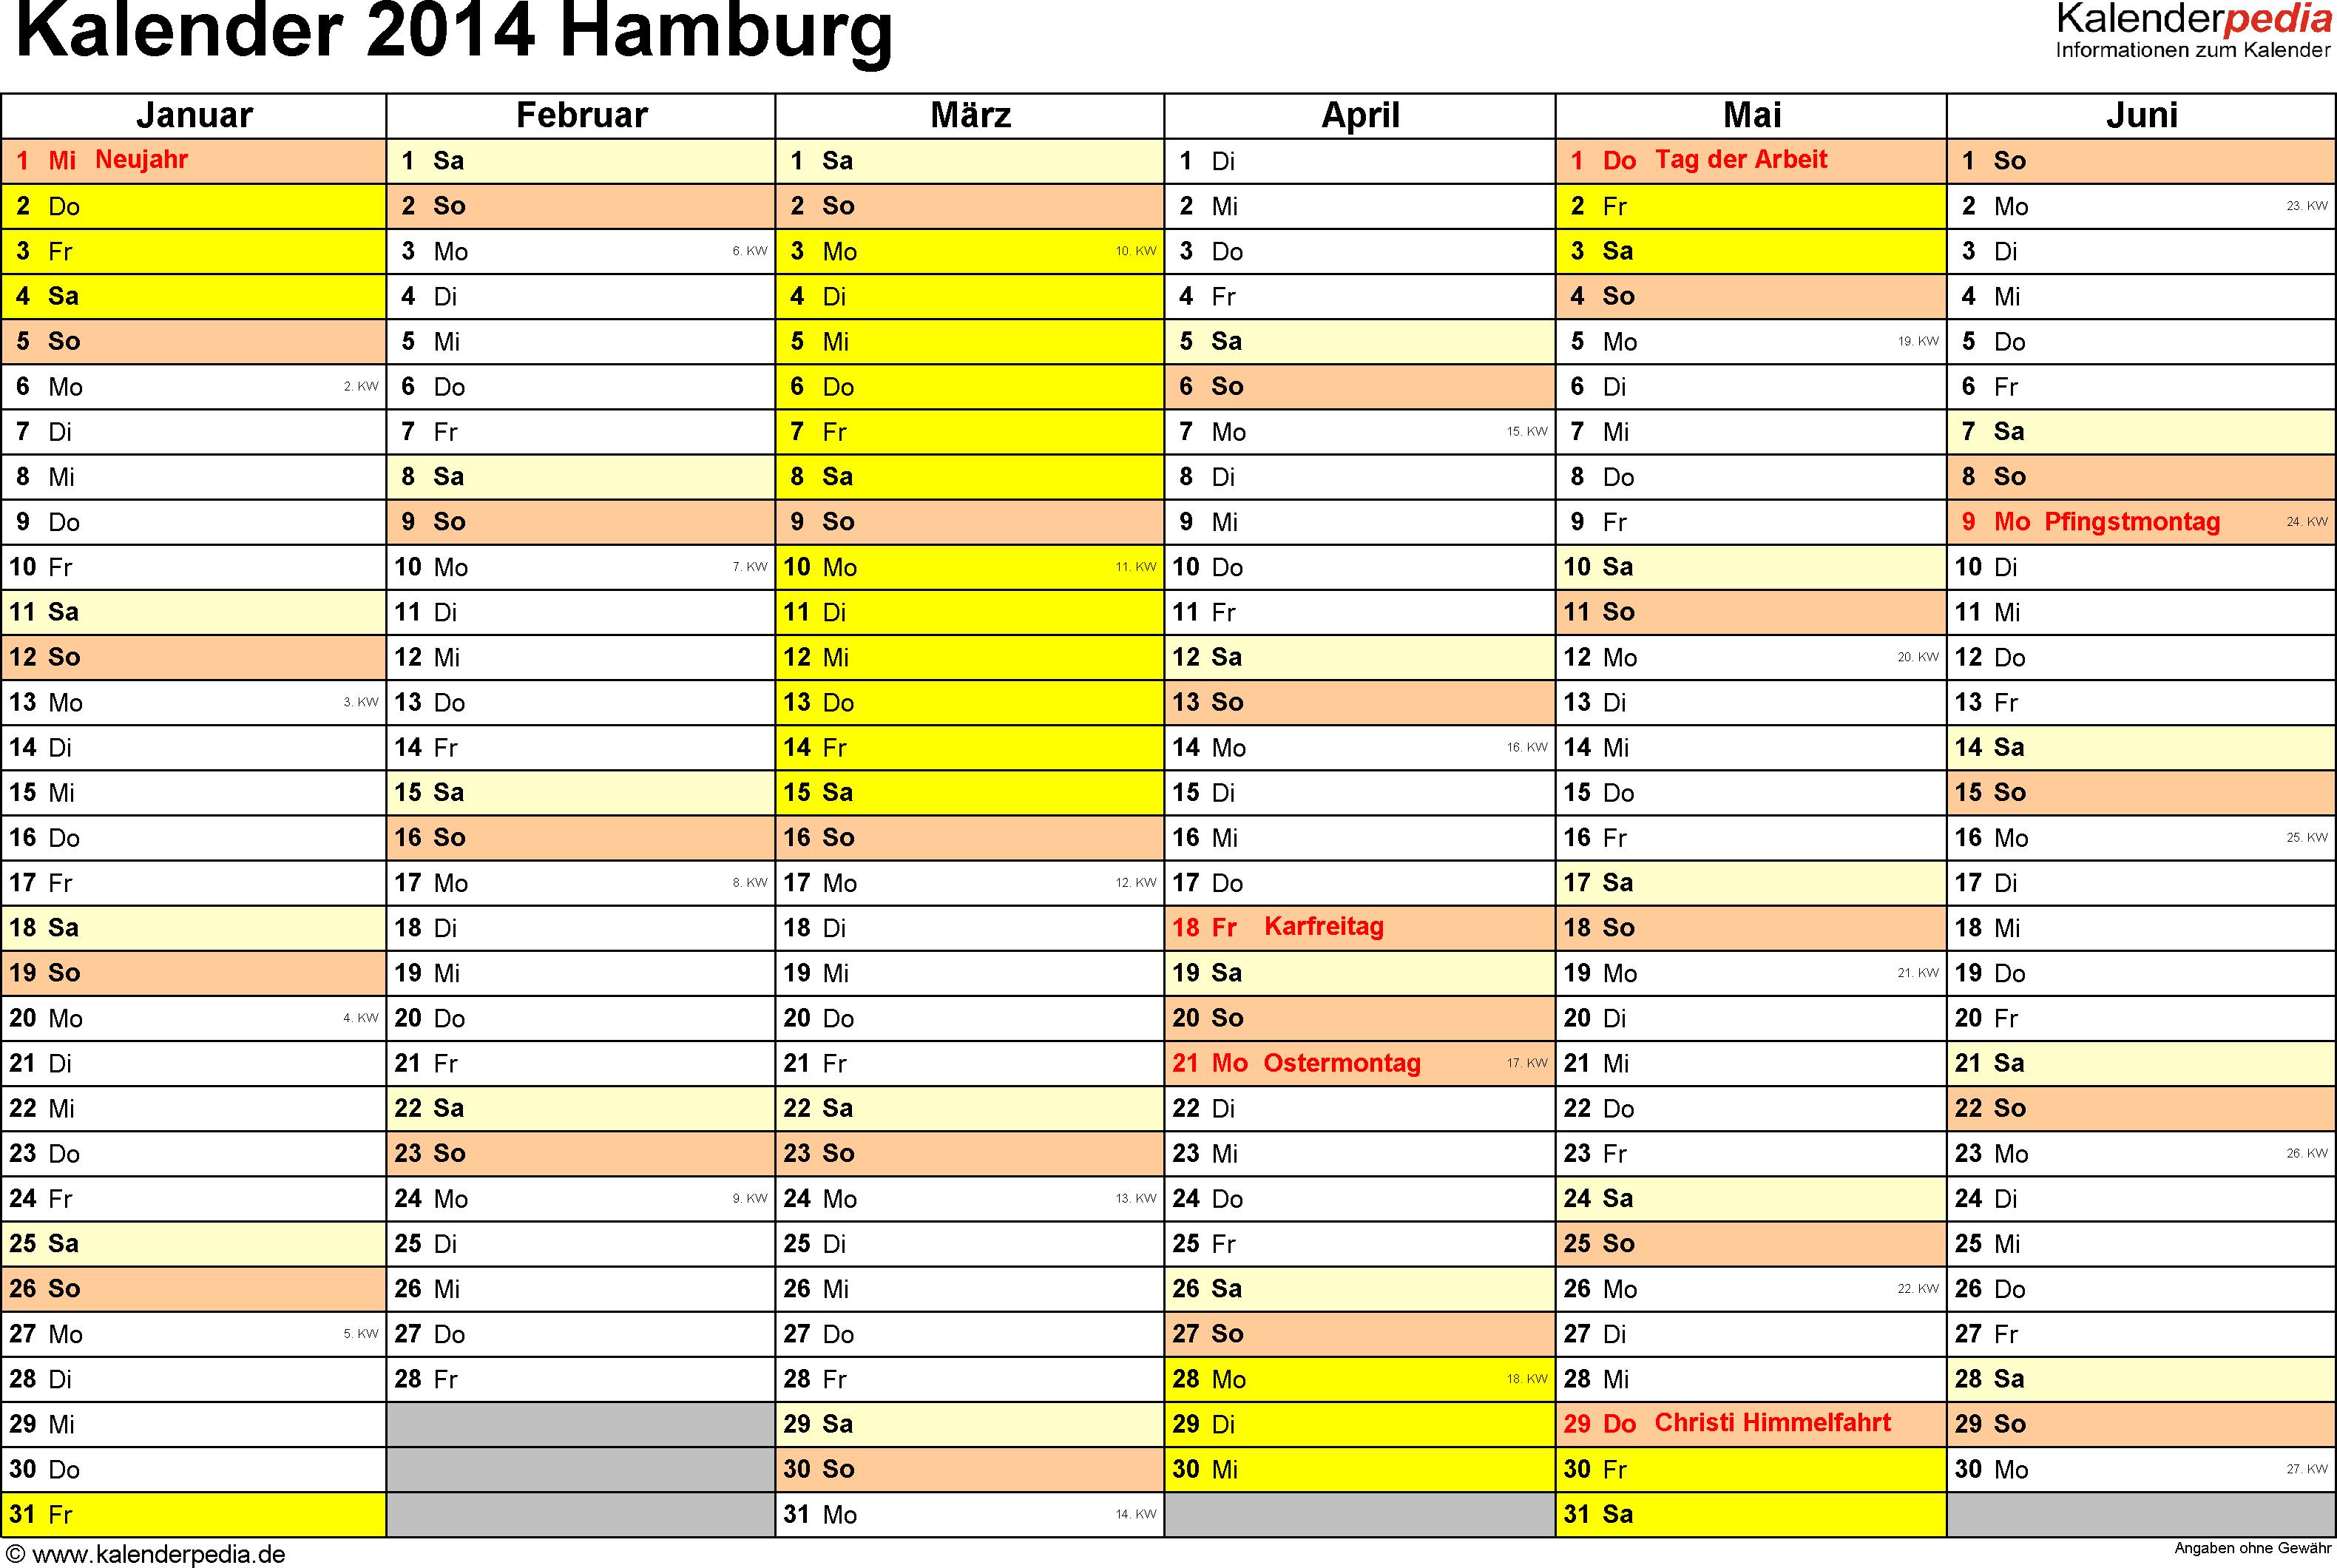 Vorlage 3: Kalender 2014 für Hamburg als Word-Vorlagen (Querformat, 2 Seiten)